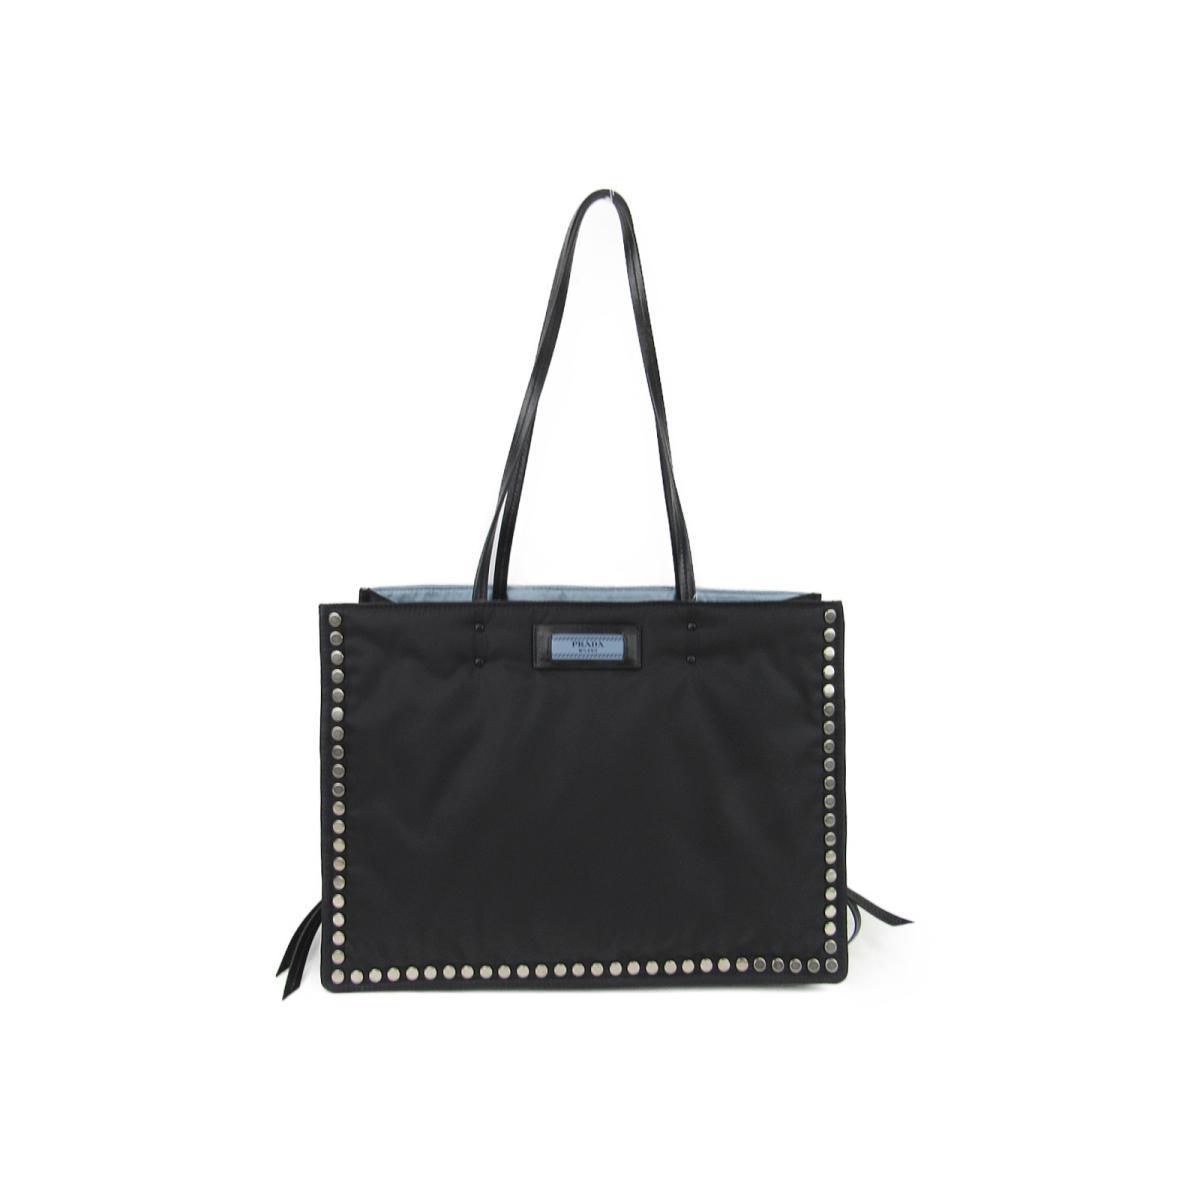 37e7cf882 negro cuero etiqueta Nylon de 1bg118 de con bolso Prada para astral  Auténtico tachuelas mano azul hombro qafwR7HO